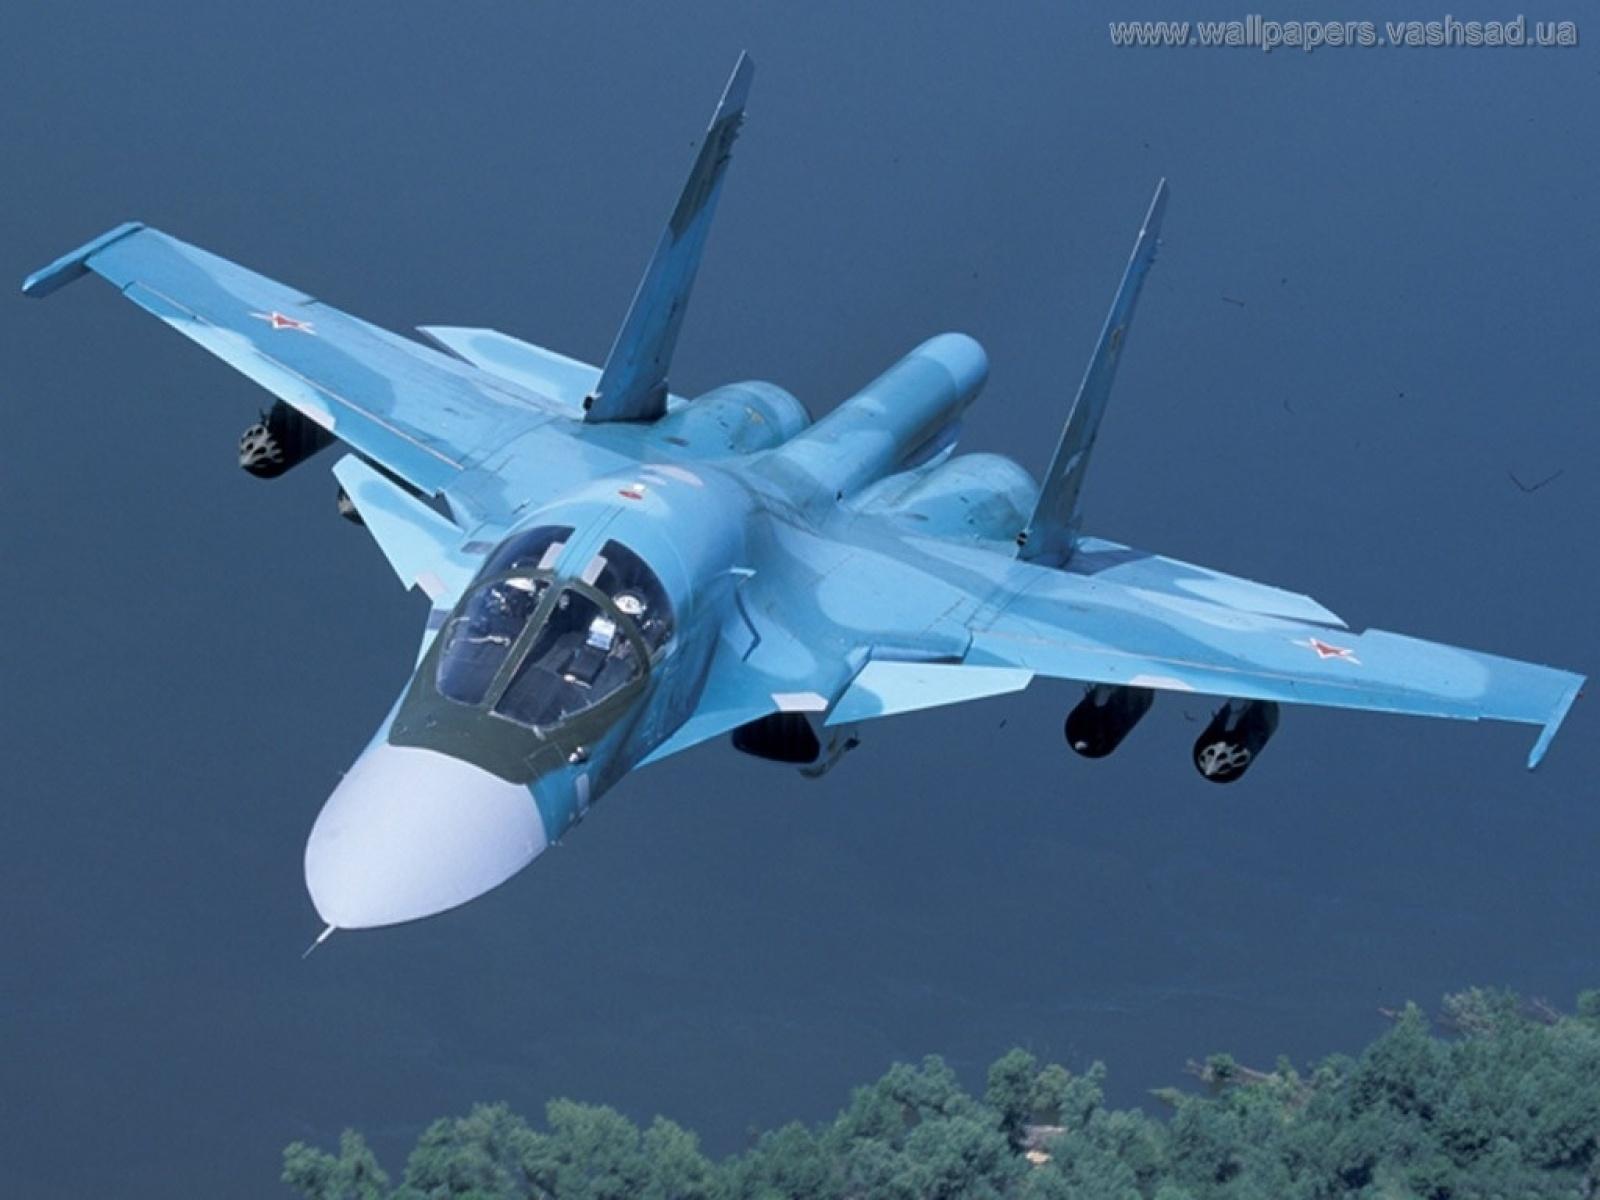 Обои многоцелевой, двухместный, Су-30м2, истребитель. Авиация foto 18